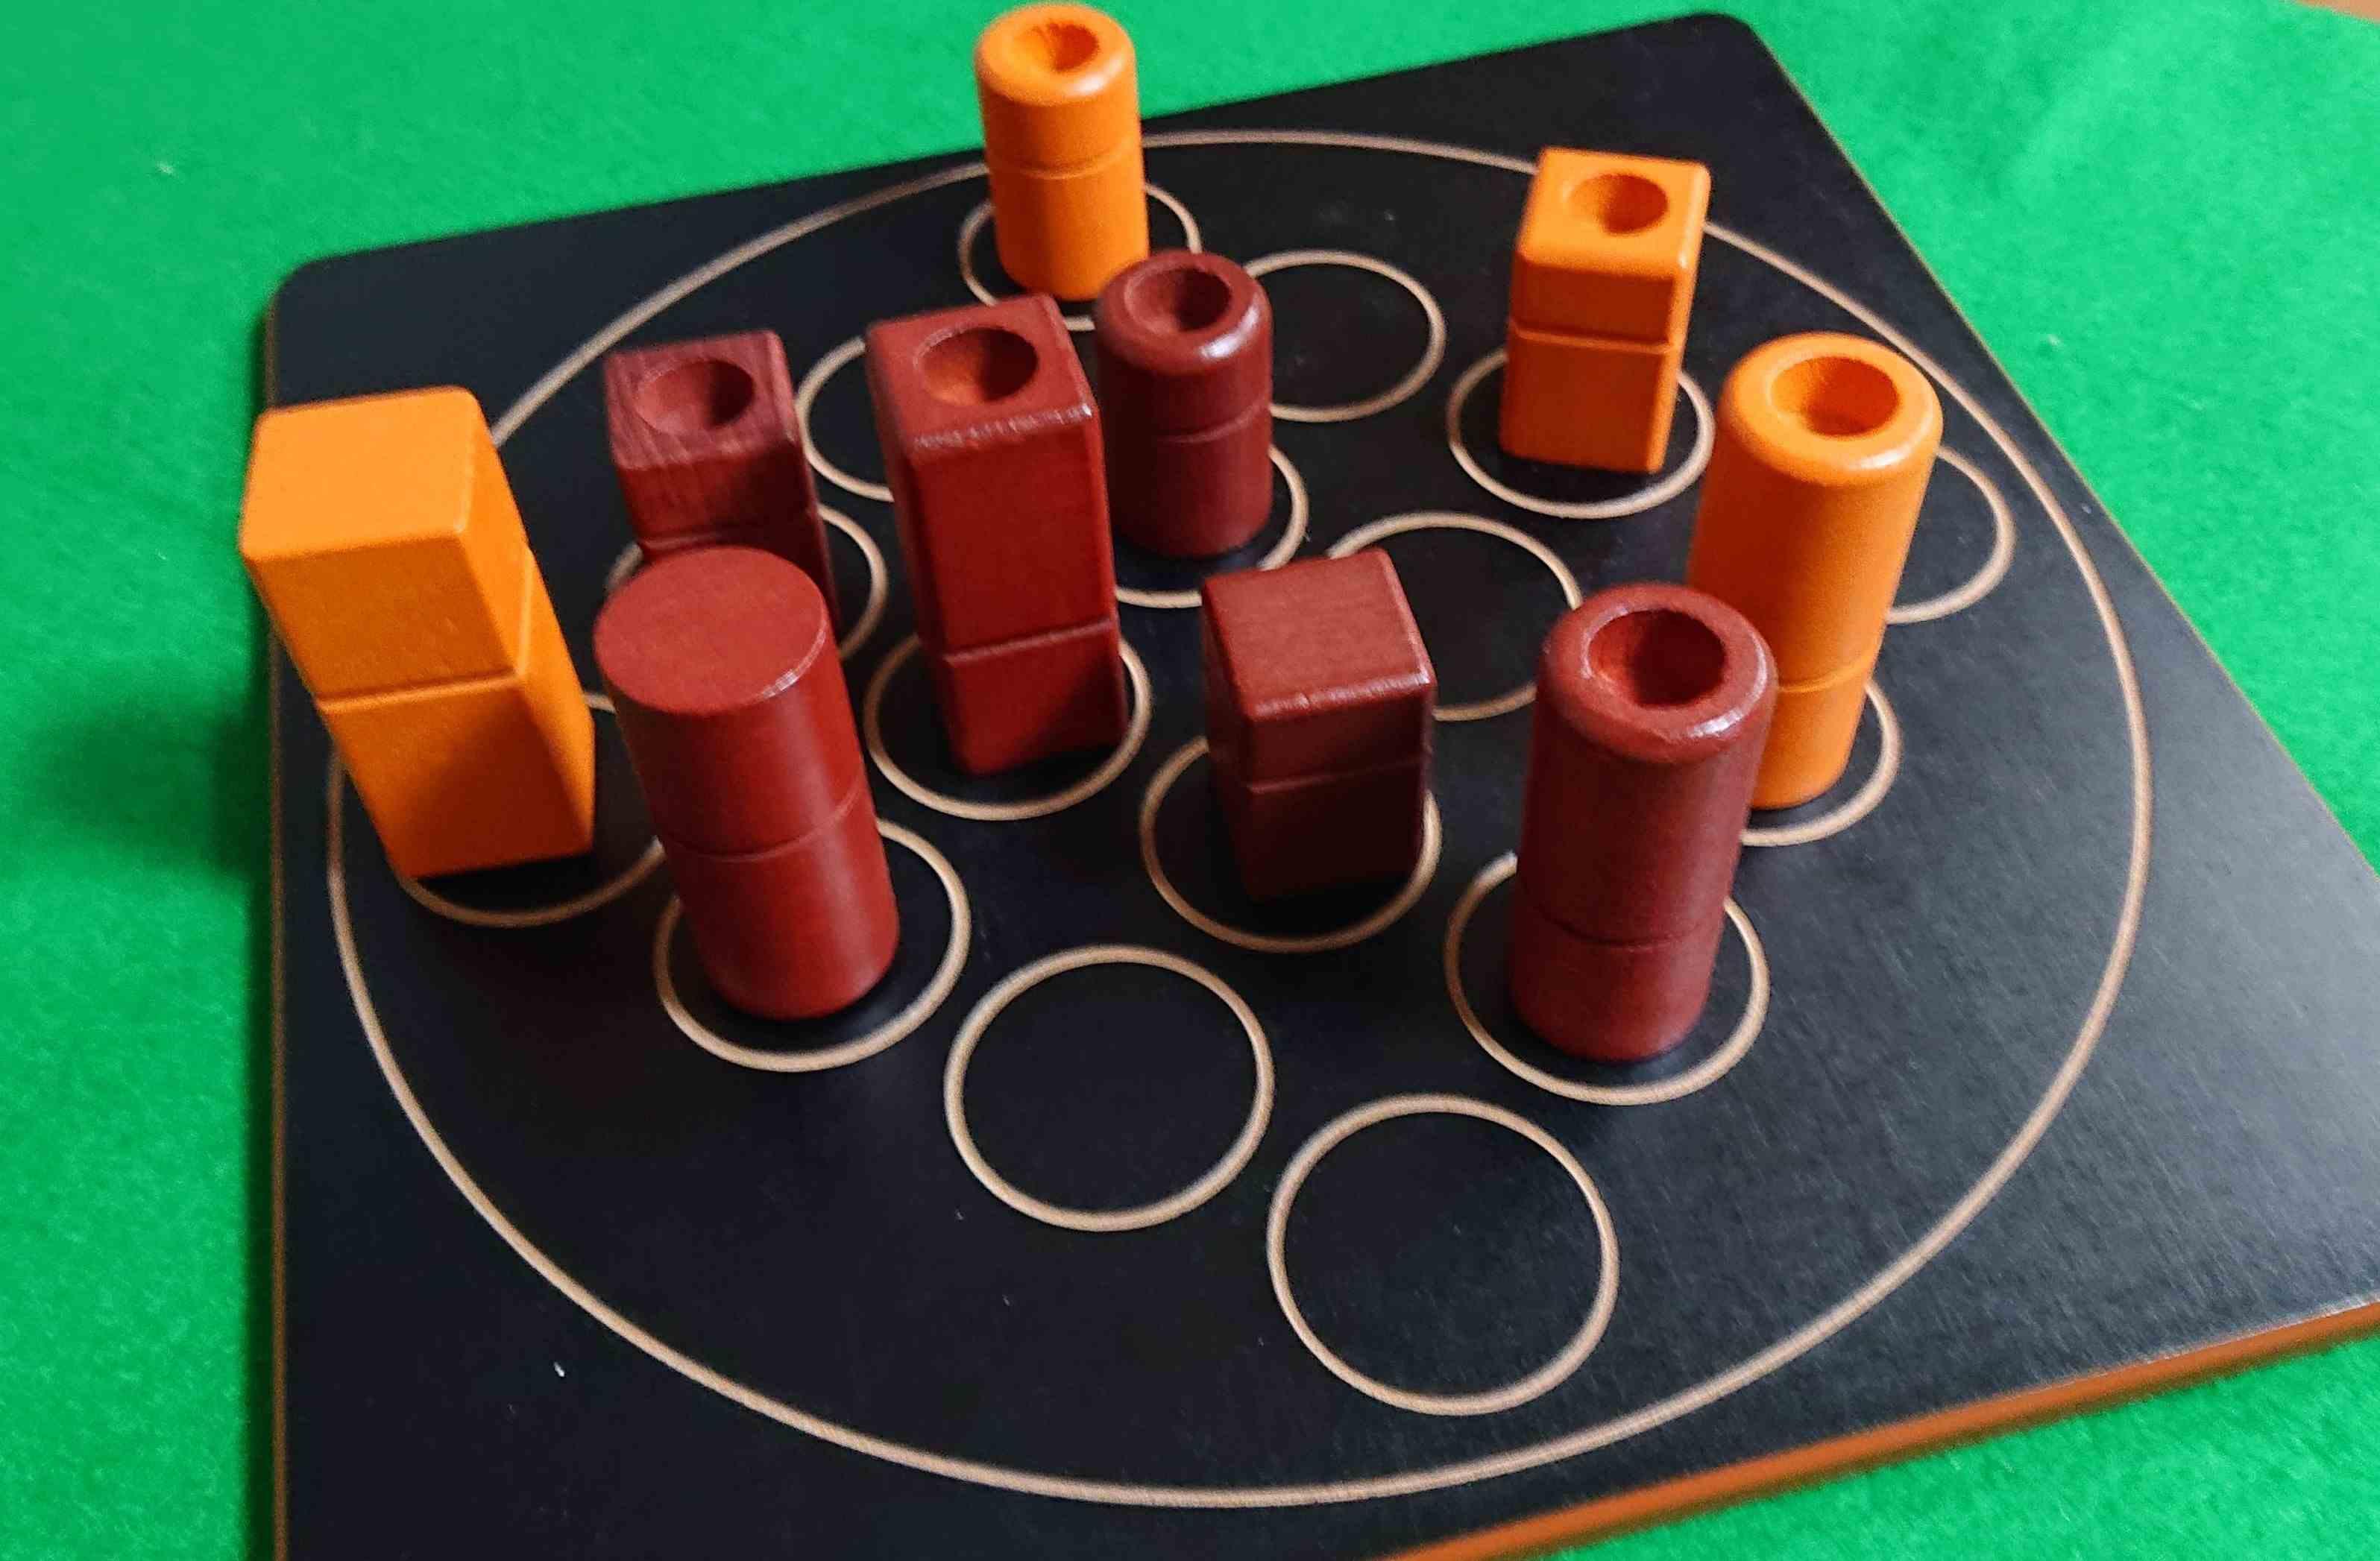 クアルト(QUARTO) 2人専用ボードゲーム 集中力の勝負です!うっかりしないように! ルール説明